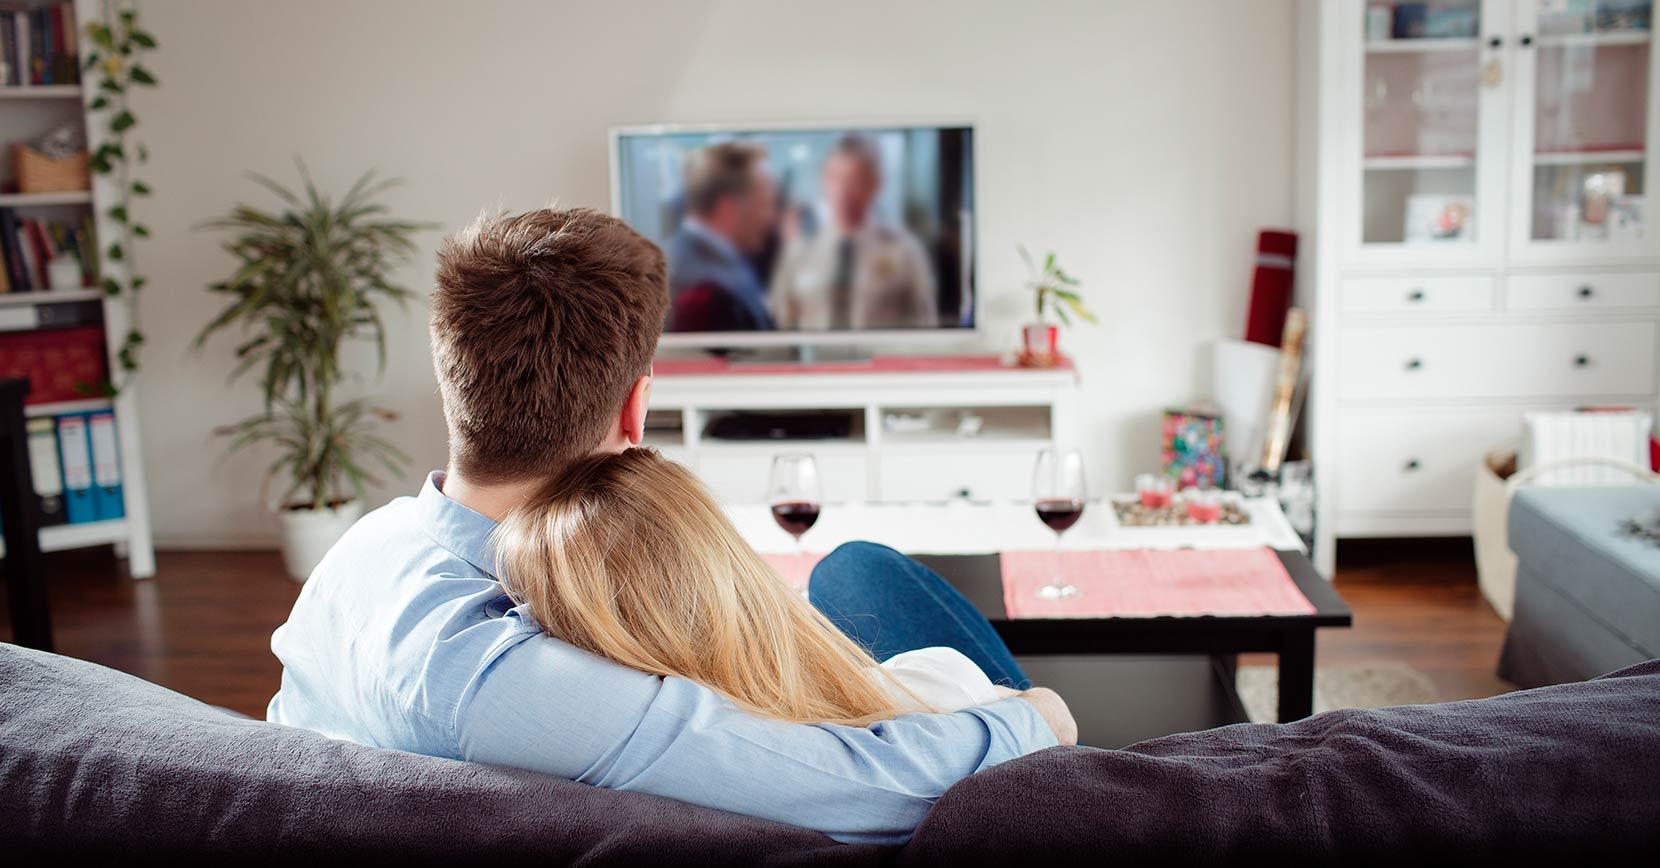 Despesas mensais de um casal